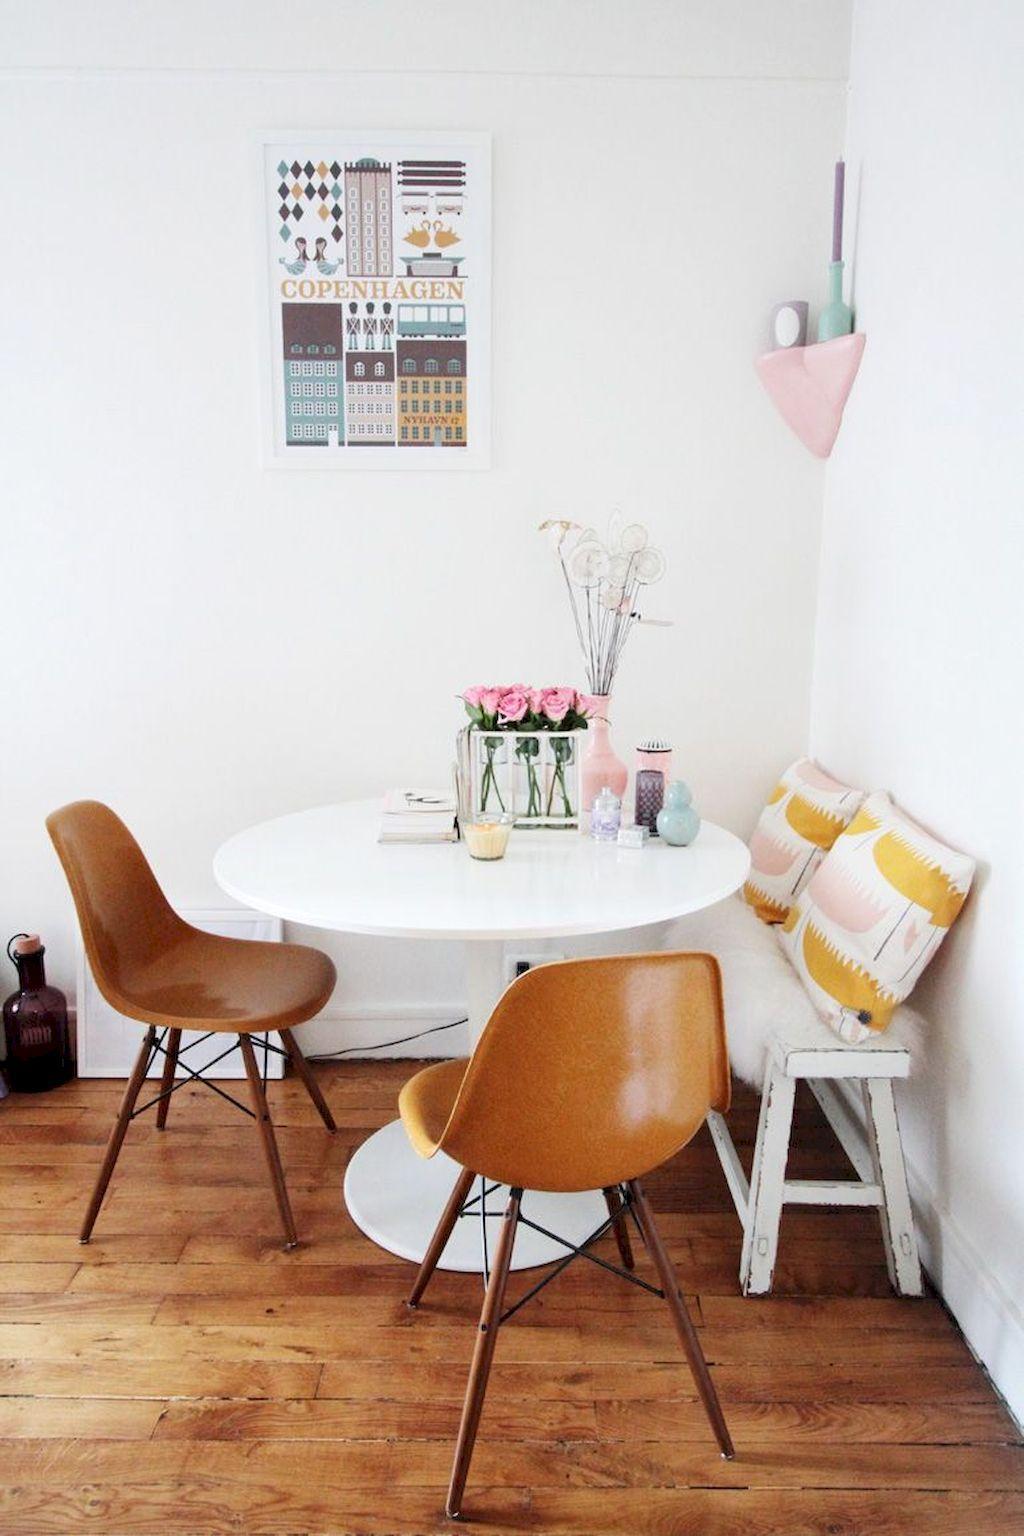 65 Small Dining Room Table Decor Ideas Minimalist Dining Room